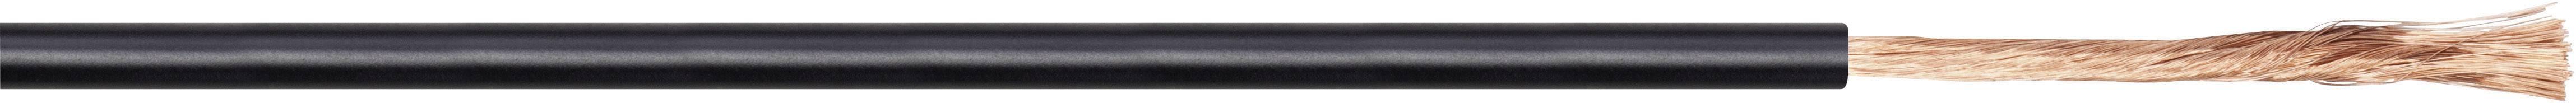 Merací vodič LappKabel 49900149 LiFY, 1 x 2.50 mm², vonkajší Ø 3.90 mm, metrový tovar, čierna